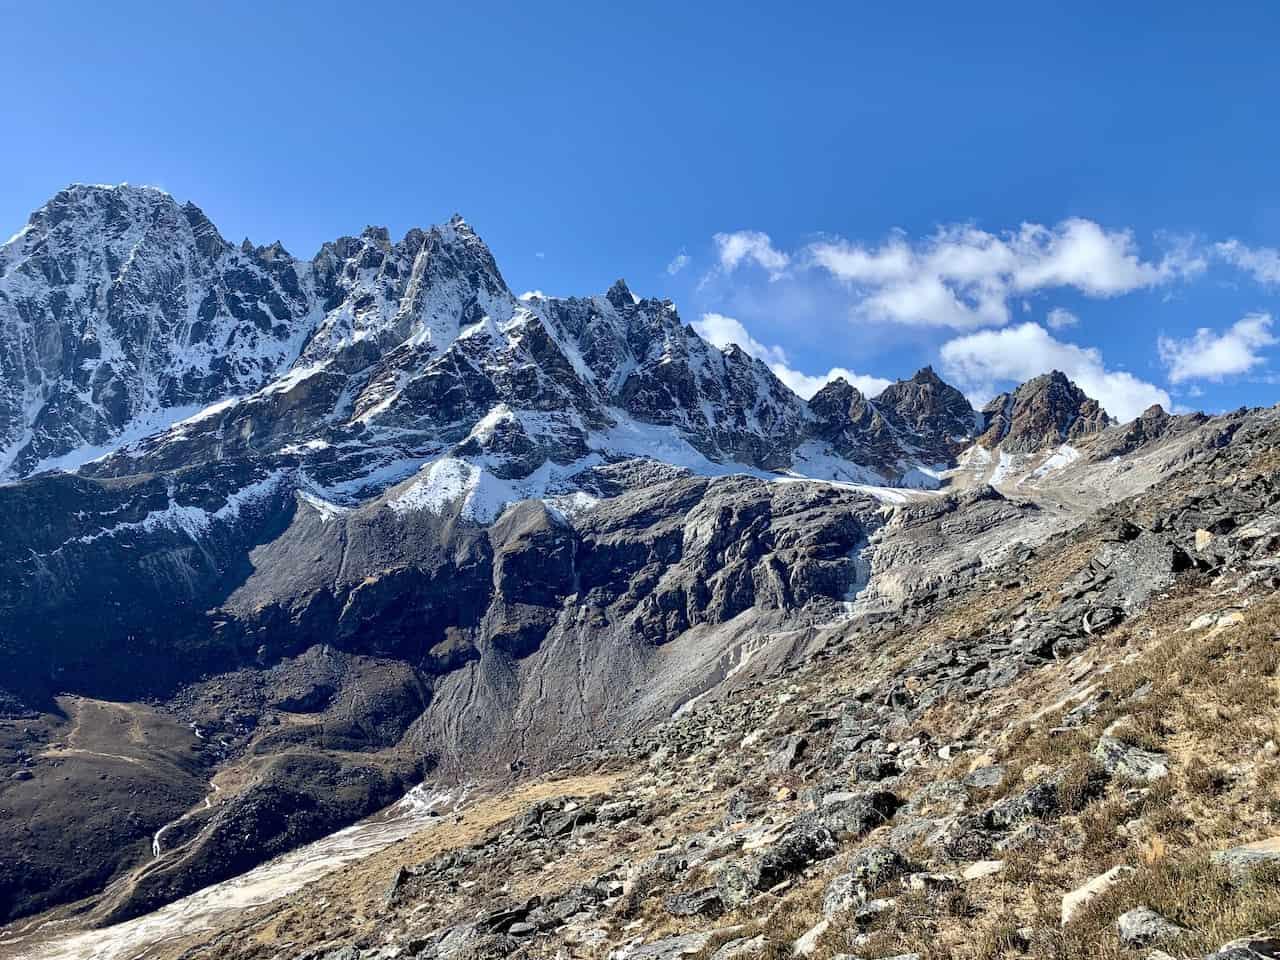 Khumbu Mountain Ranges